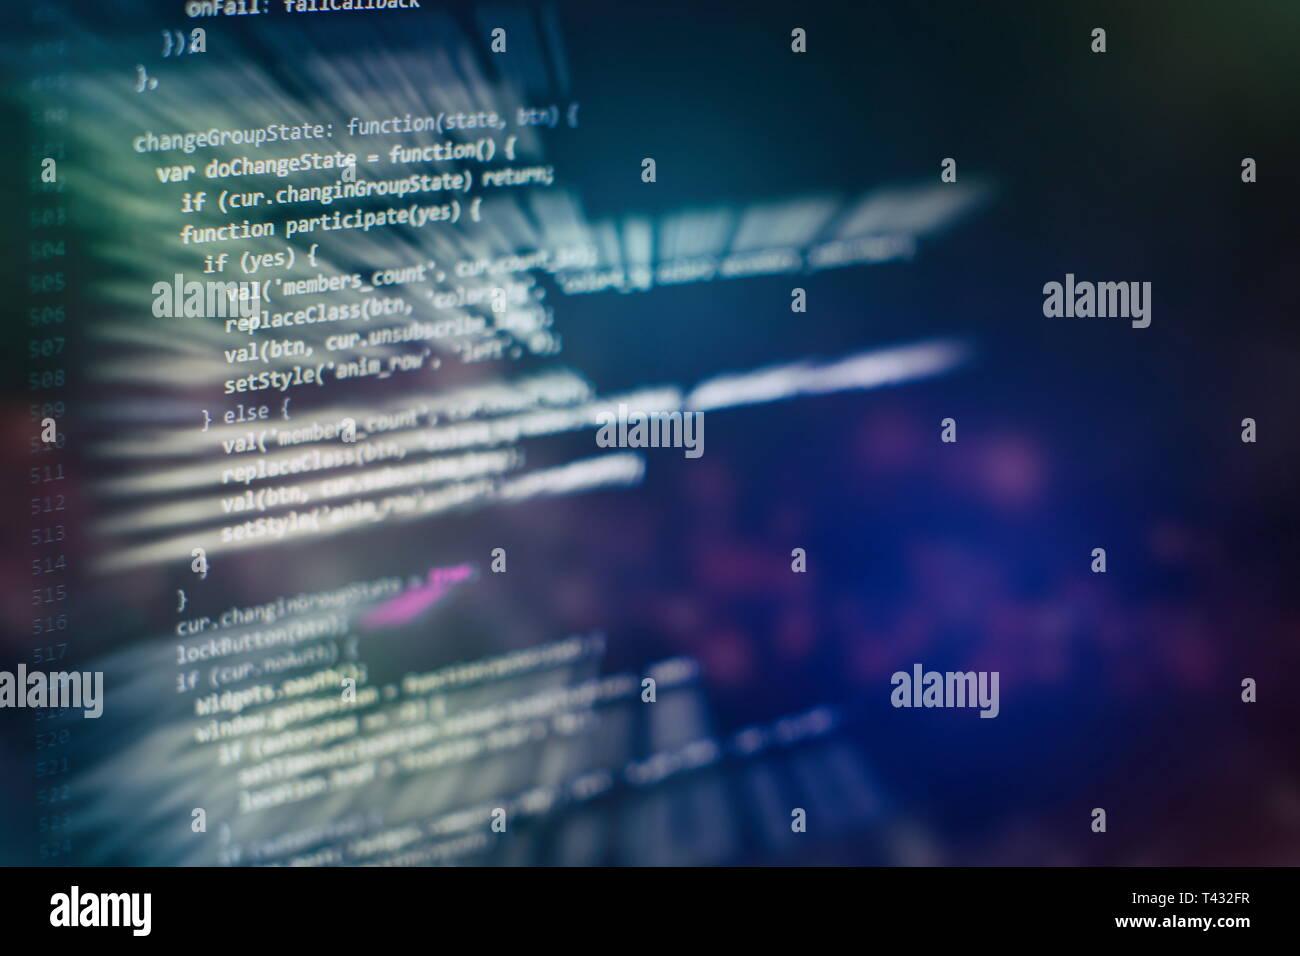 Web Log Analyzer Nihuo